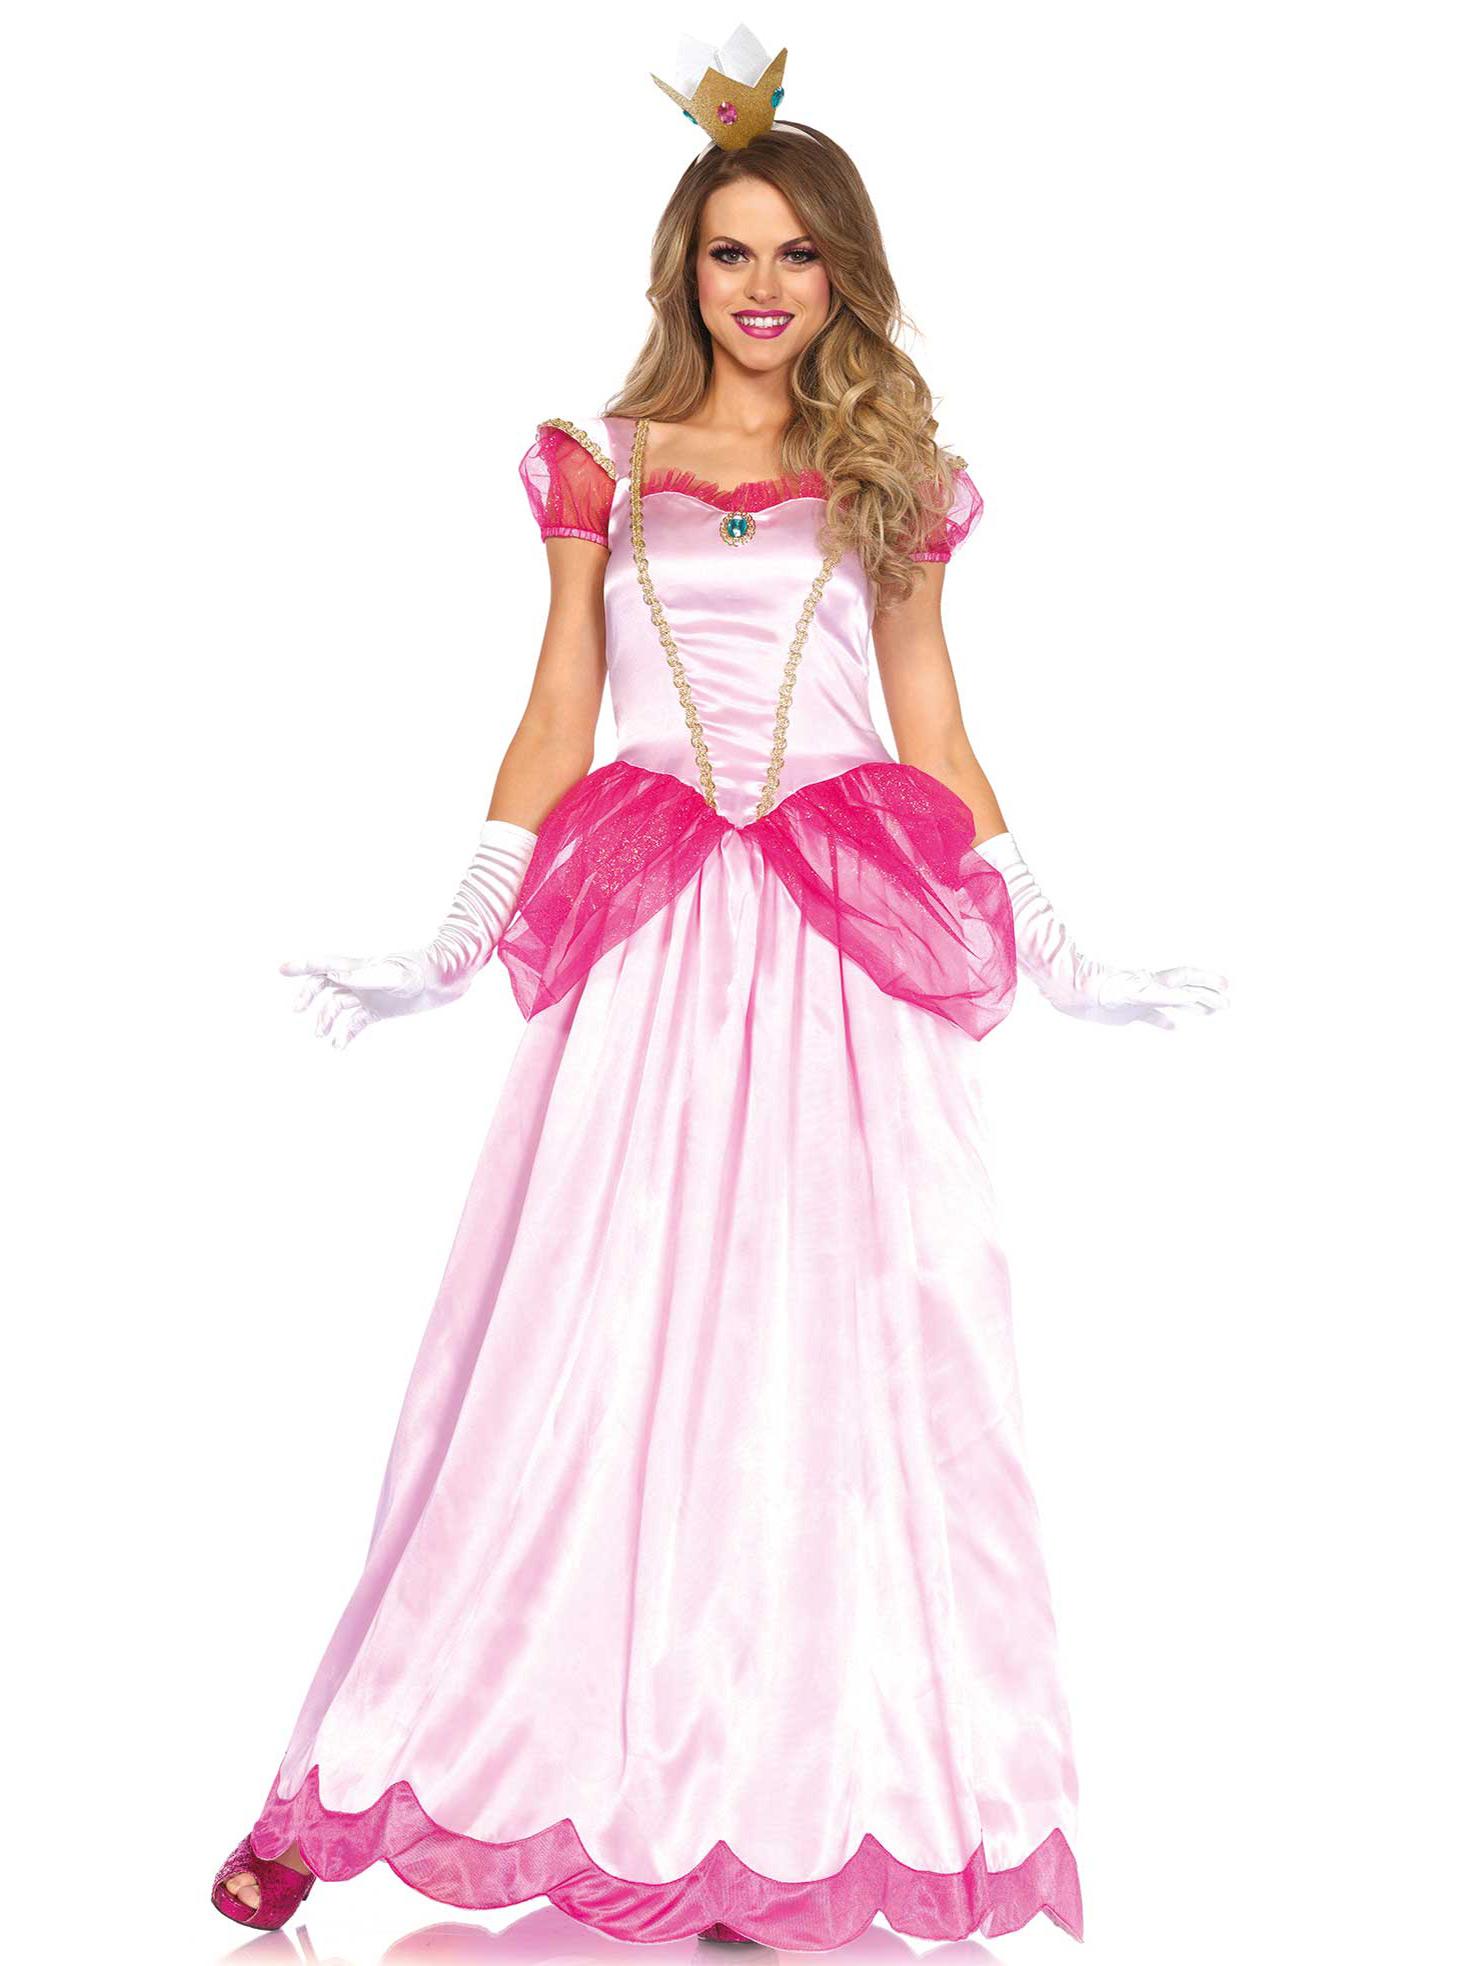 Roze Carnavalskleding Dames.Schitterend Roze Prinses Carnavalskleding Voor Dames Vegaoo Nl